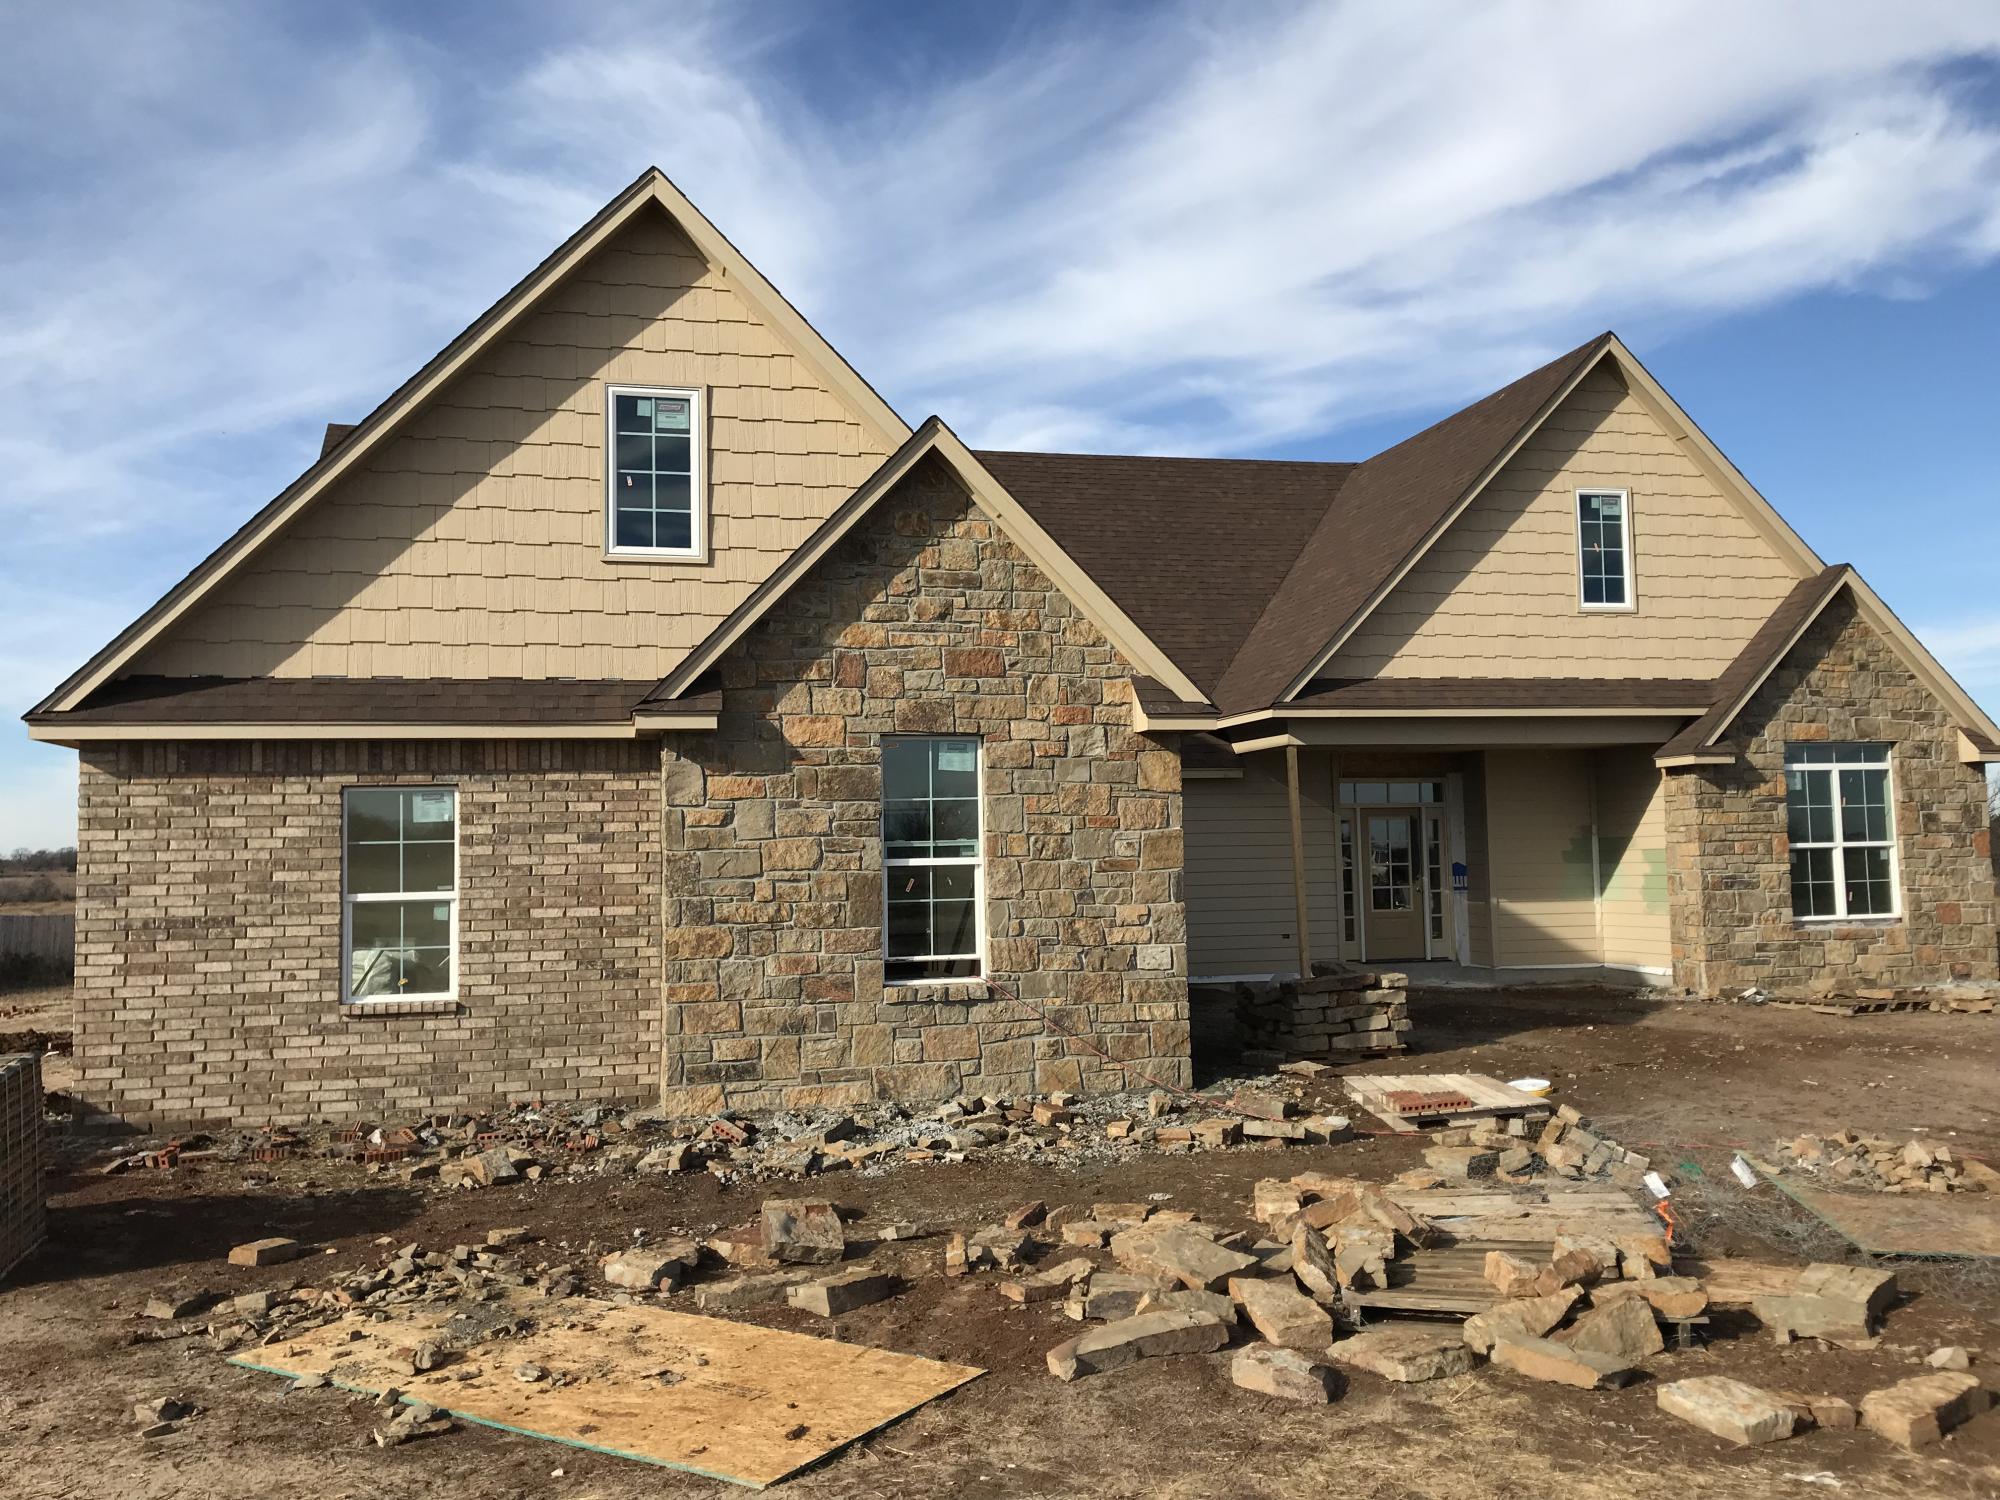 Homes By Dhr New Homes In Shawnee Ok Shawnee Home Builders